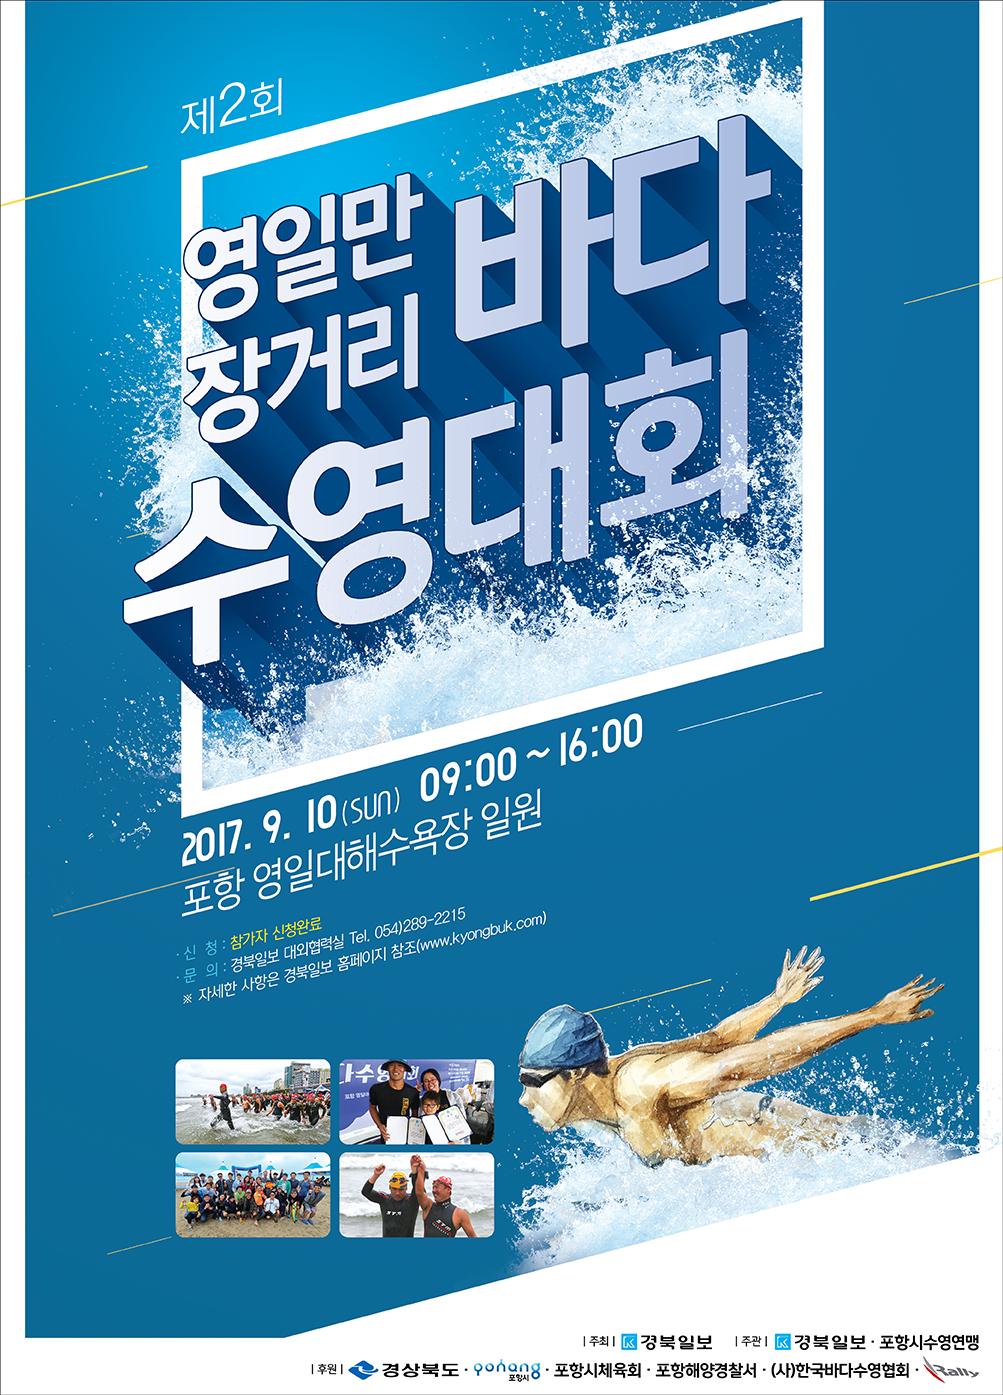 2017_제2회 영일만장거리 바다수영대회_pop_1.png